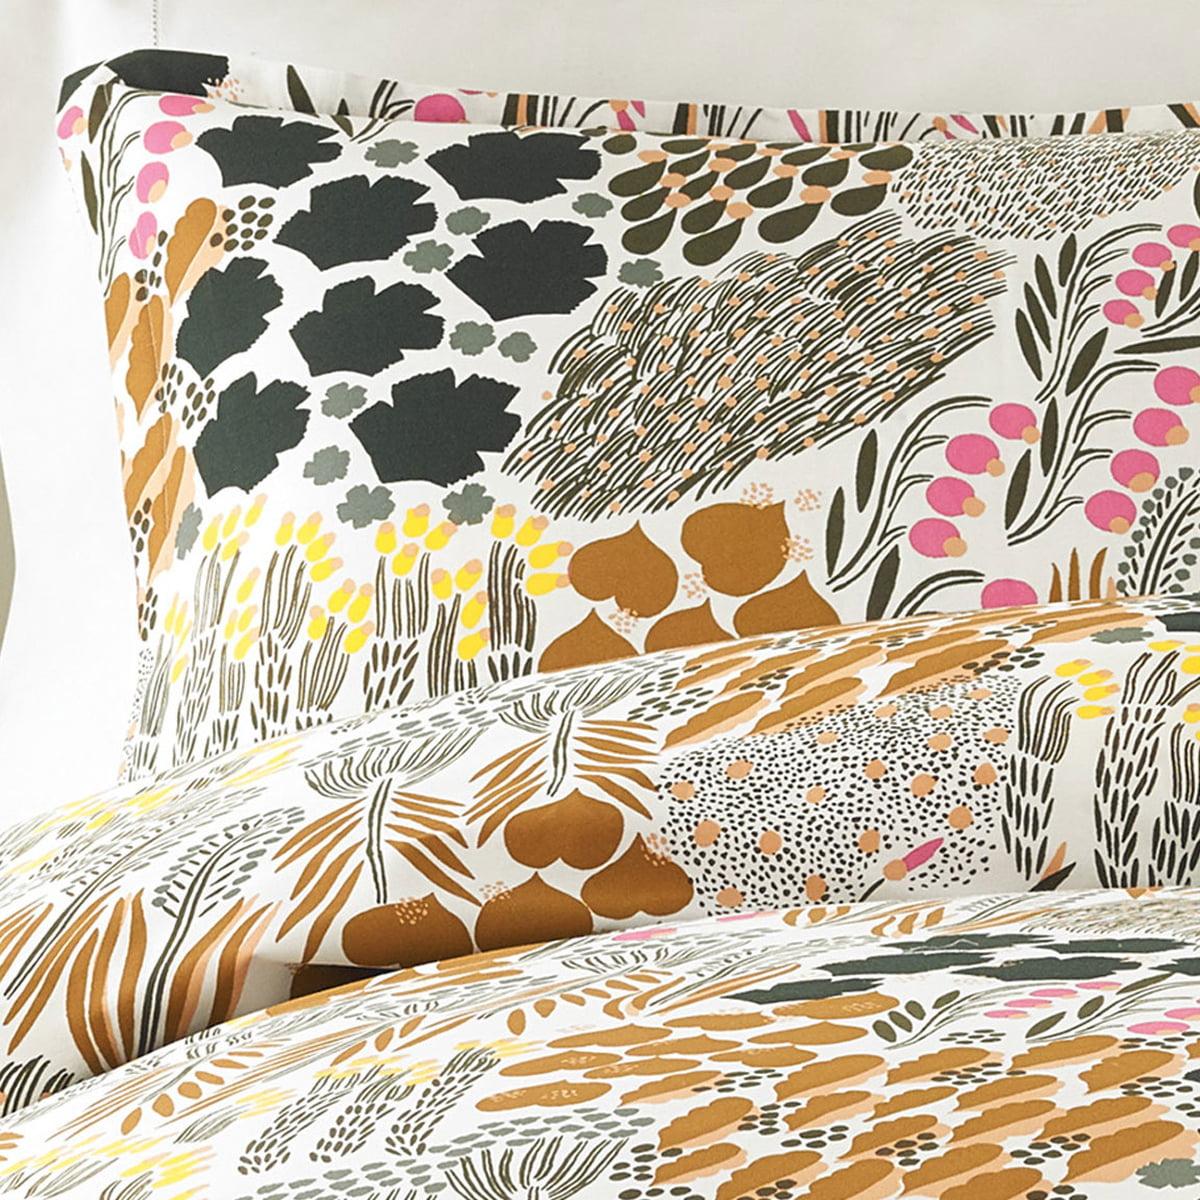 Marimekko - Pieni Letto Kopfkissenbezug 50 x 60 cm| off-white / braun / grün | Heimtextilien > Decken und Kissen > Kopfkissen | Marimekko